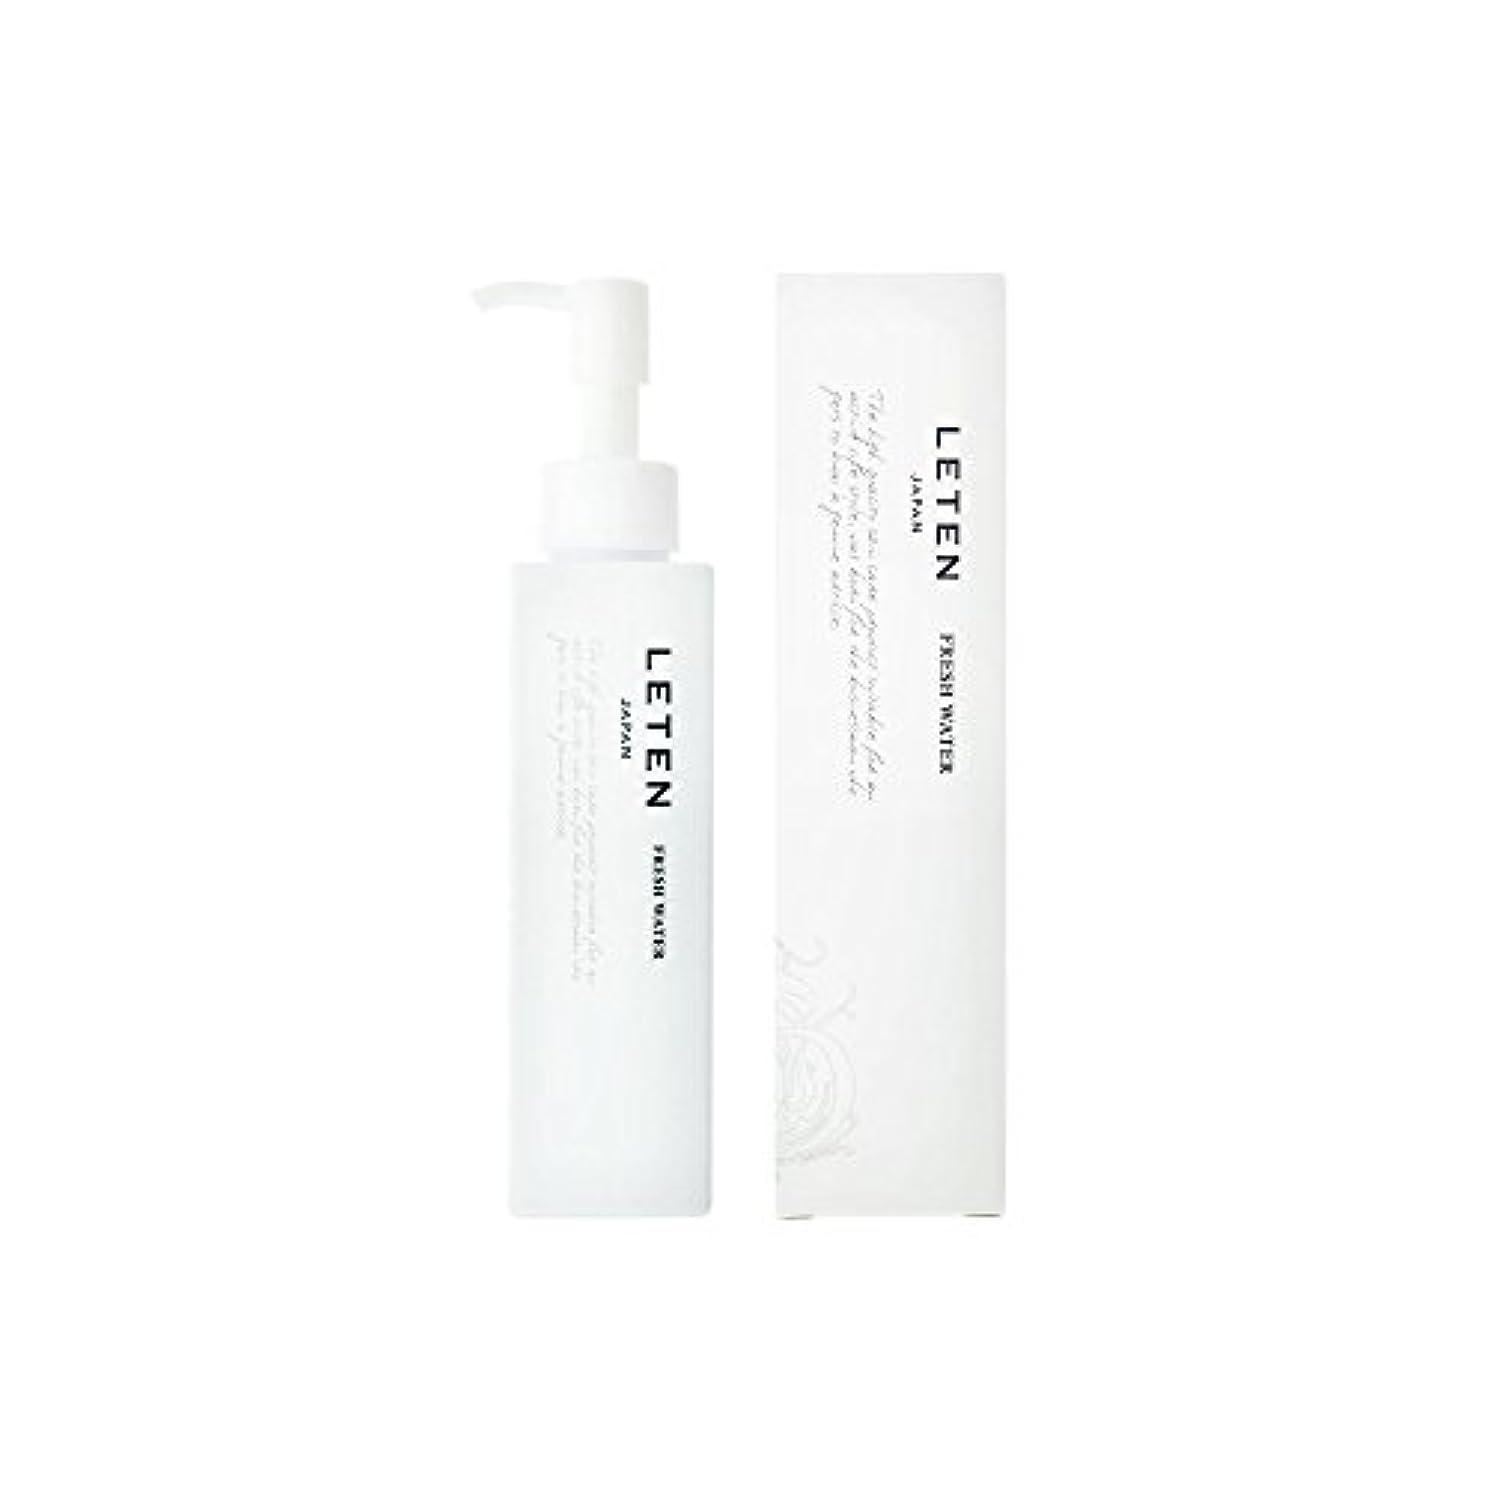 レテン (LETEN) フレッシュウォーター 150ml 化粧水 敏感肌